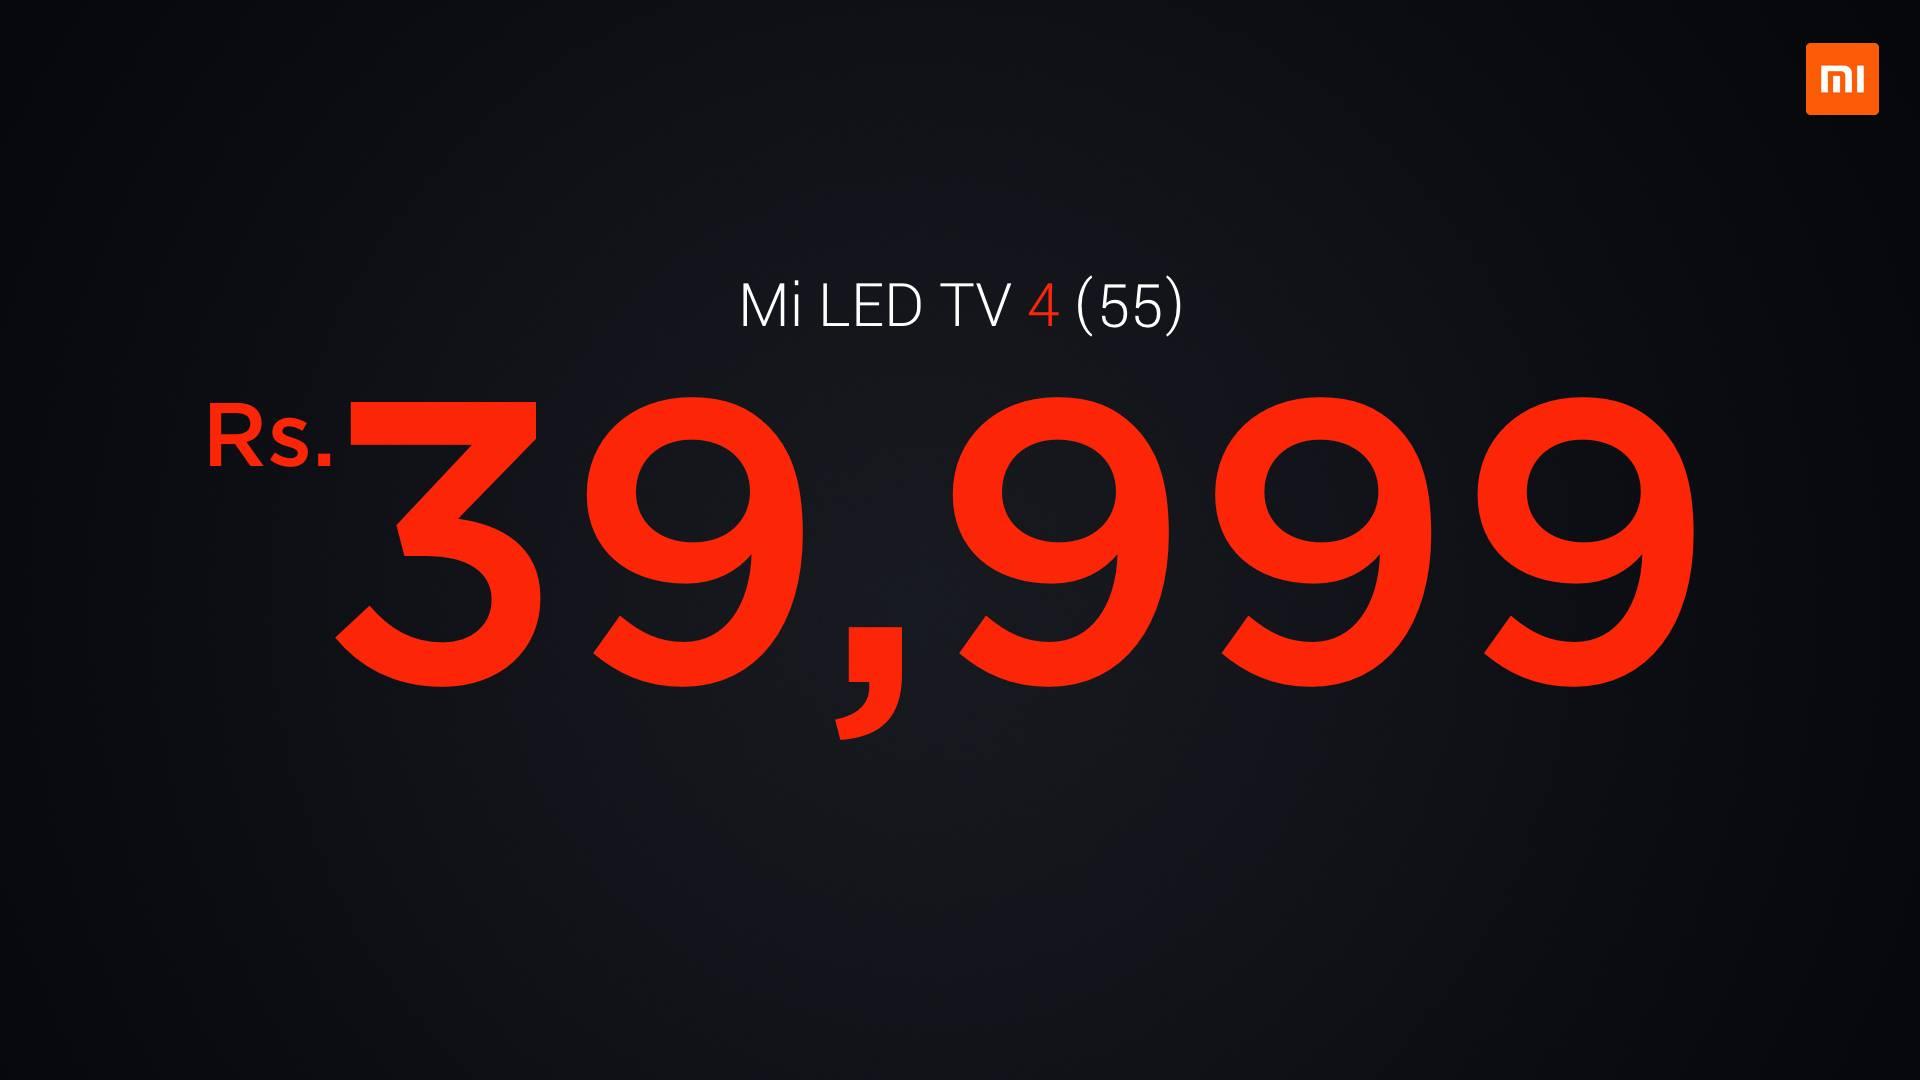 Mi LED TV 4 (55-इंच) की कीमत 39,999 रुपए है.